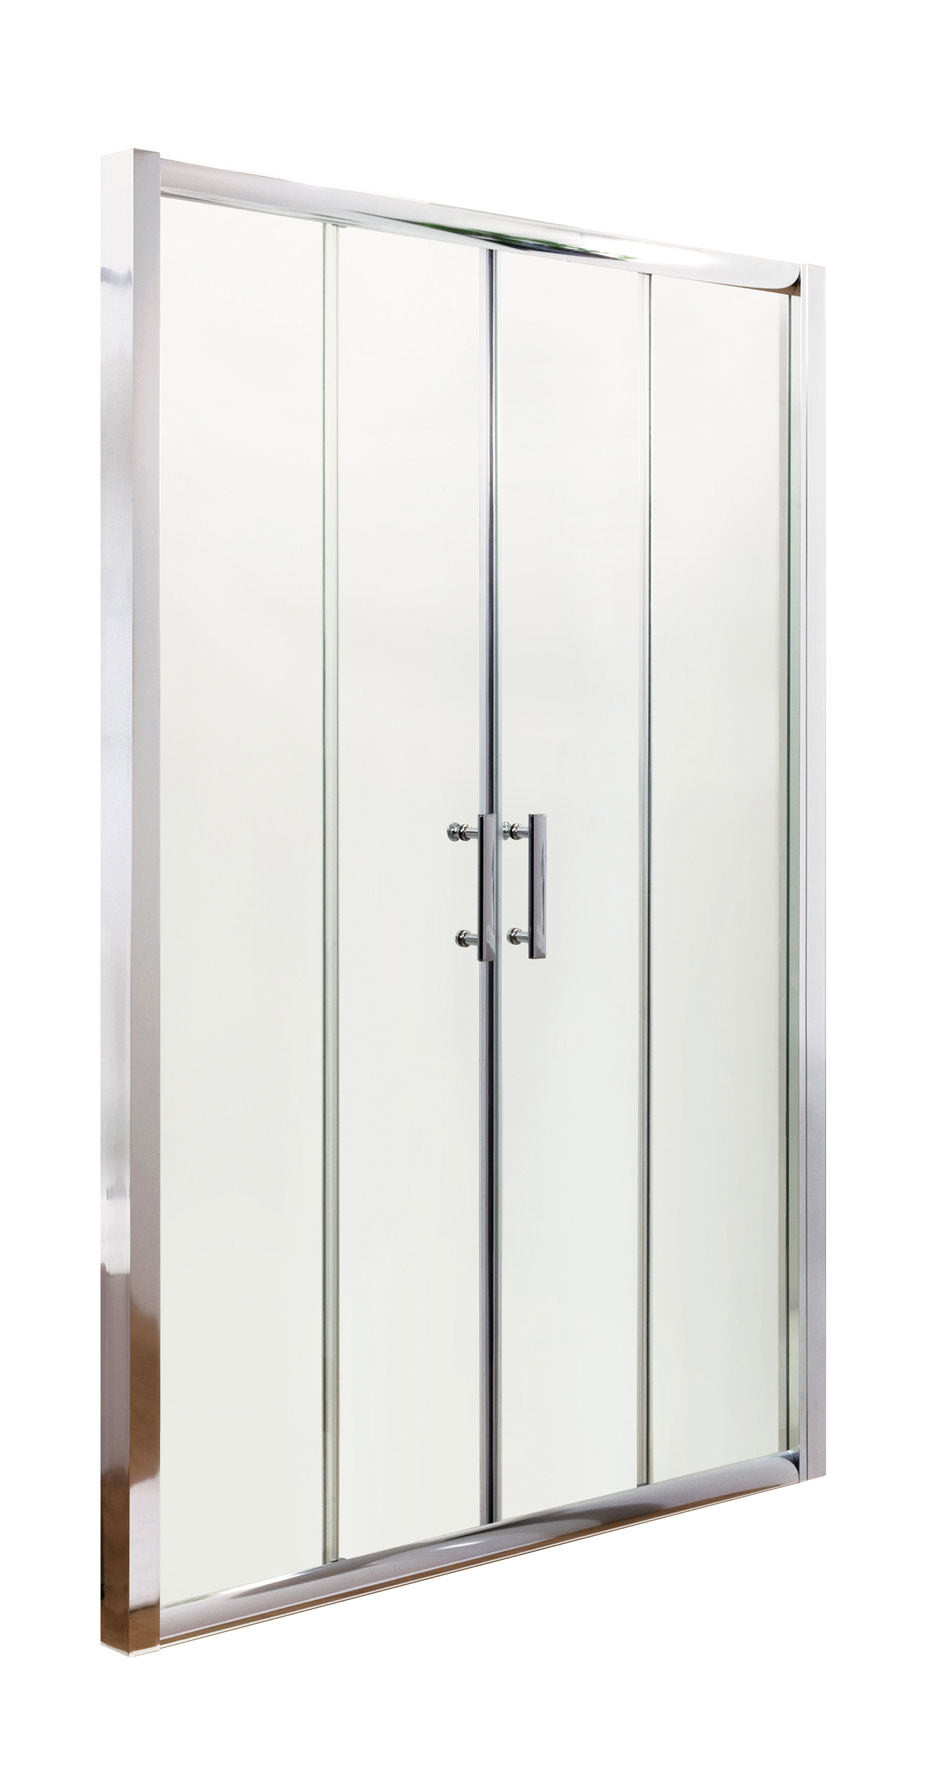 Lauren pacific double sliding shower door 1700mm aqsld17 for 1700 shower door